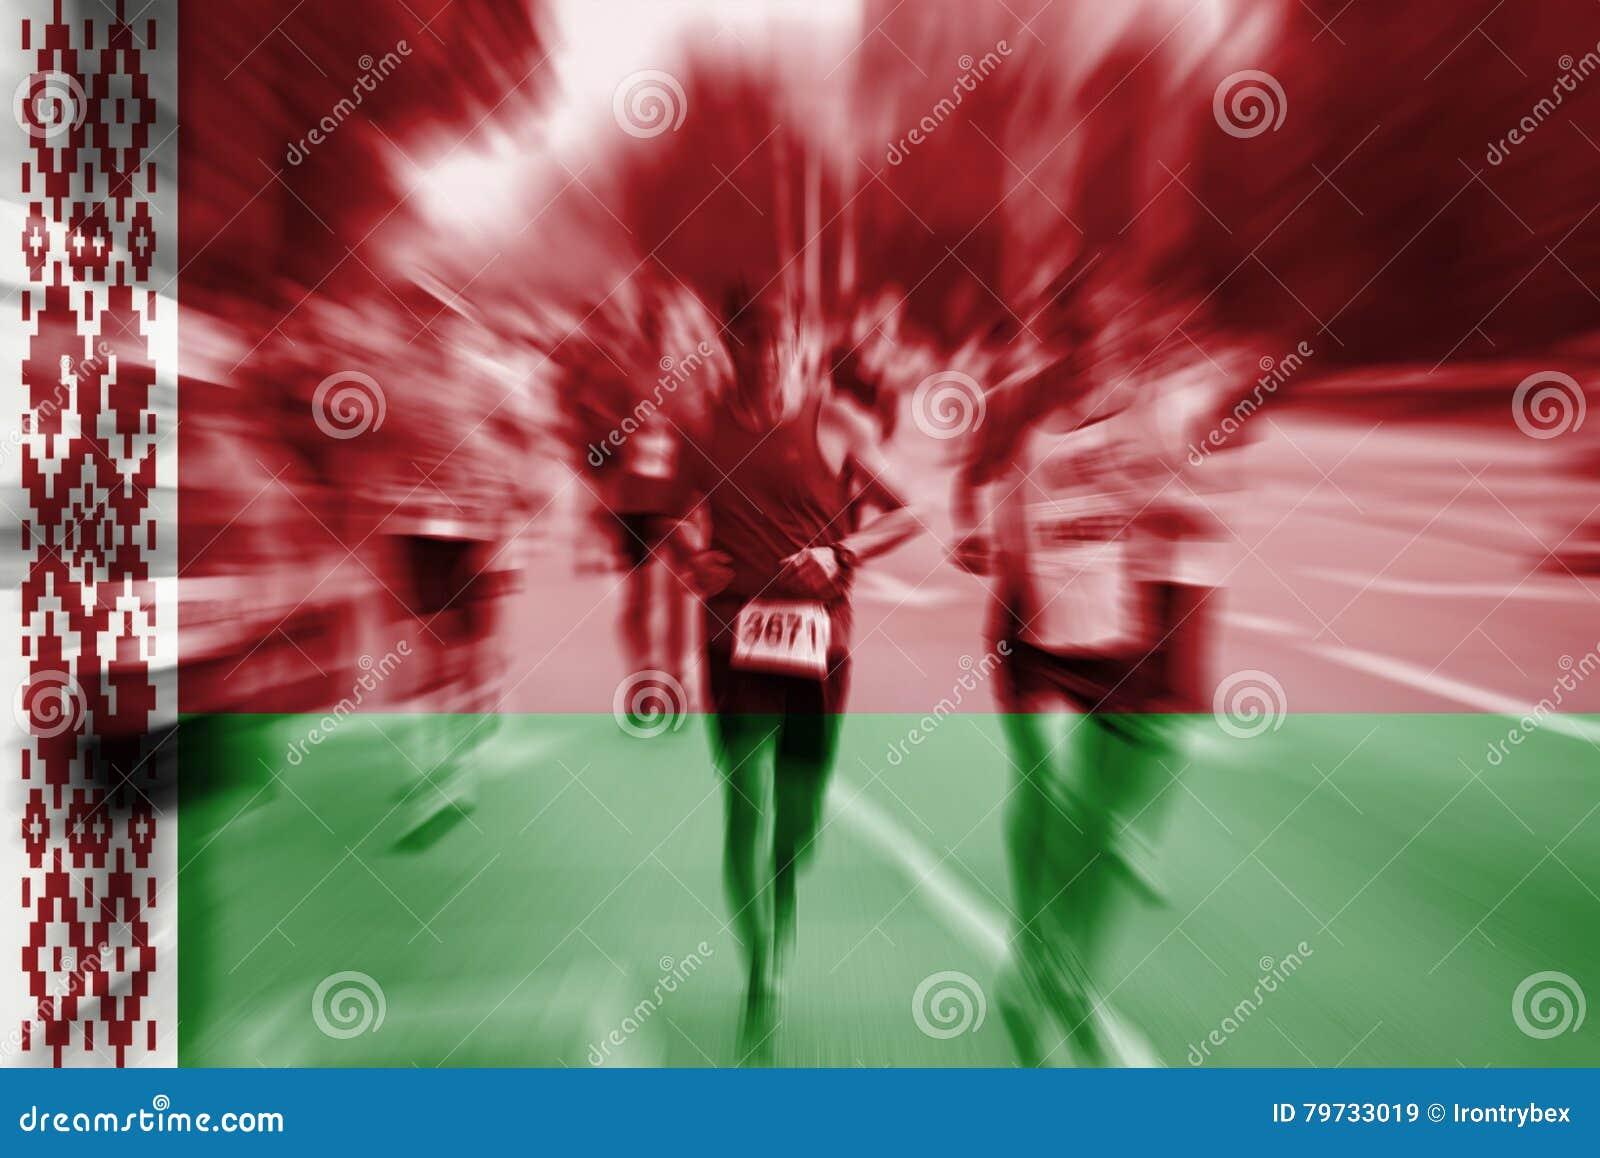 Falta de definición de movimiento del corredor de maratón con la mezcla de la bandera de Bielorrusia